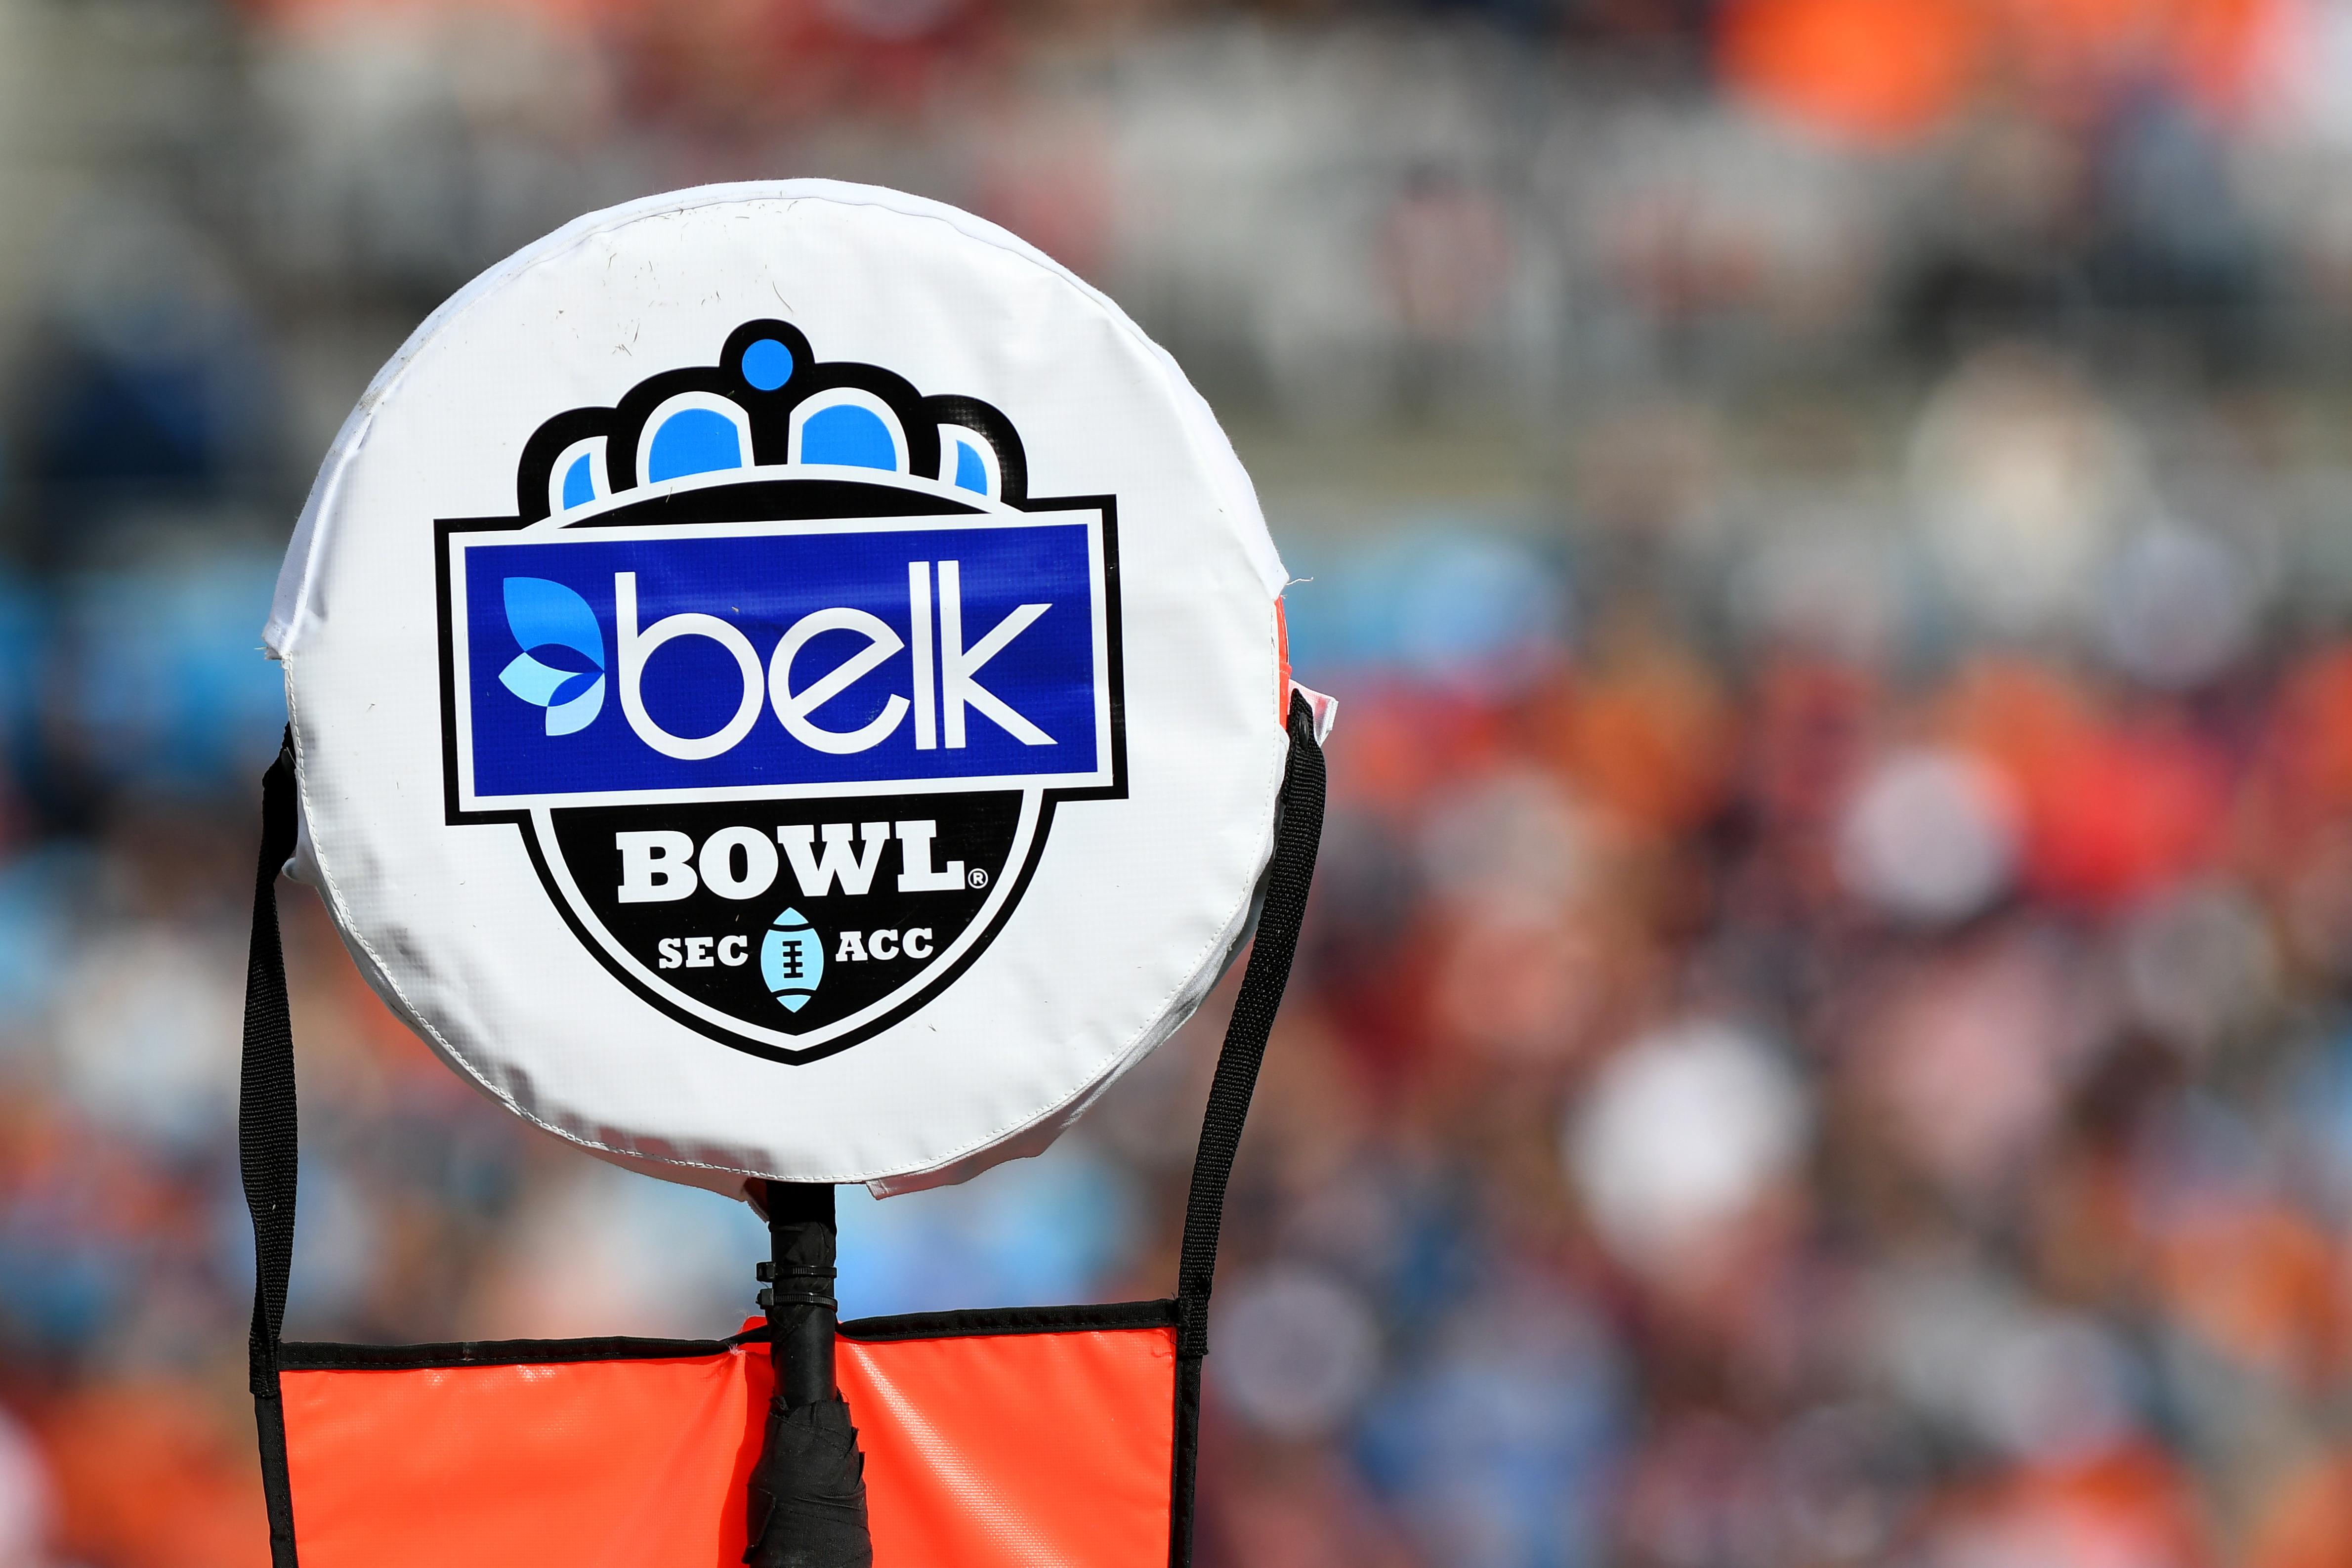 COLLEGE FOOTBALL: DEC 29 Belk Bowl - South Carolina v Virginia